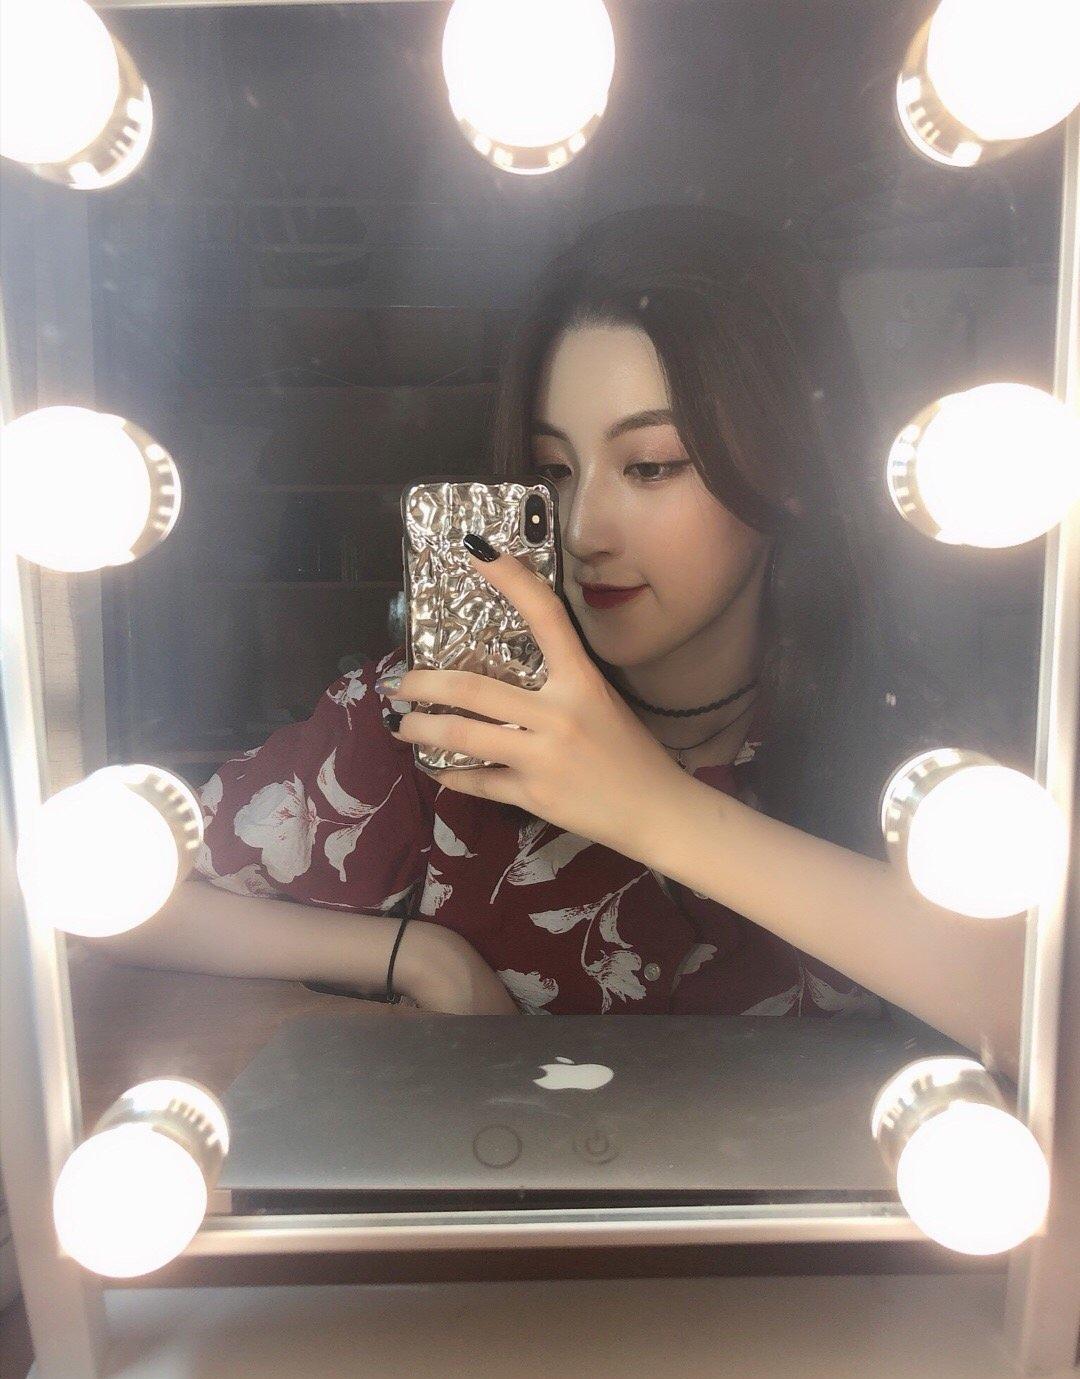 上海戏剧学院,18级导演系本科生,2000年,漂亮的处女座姑娘